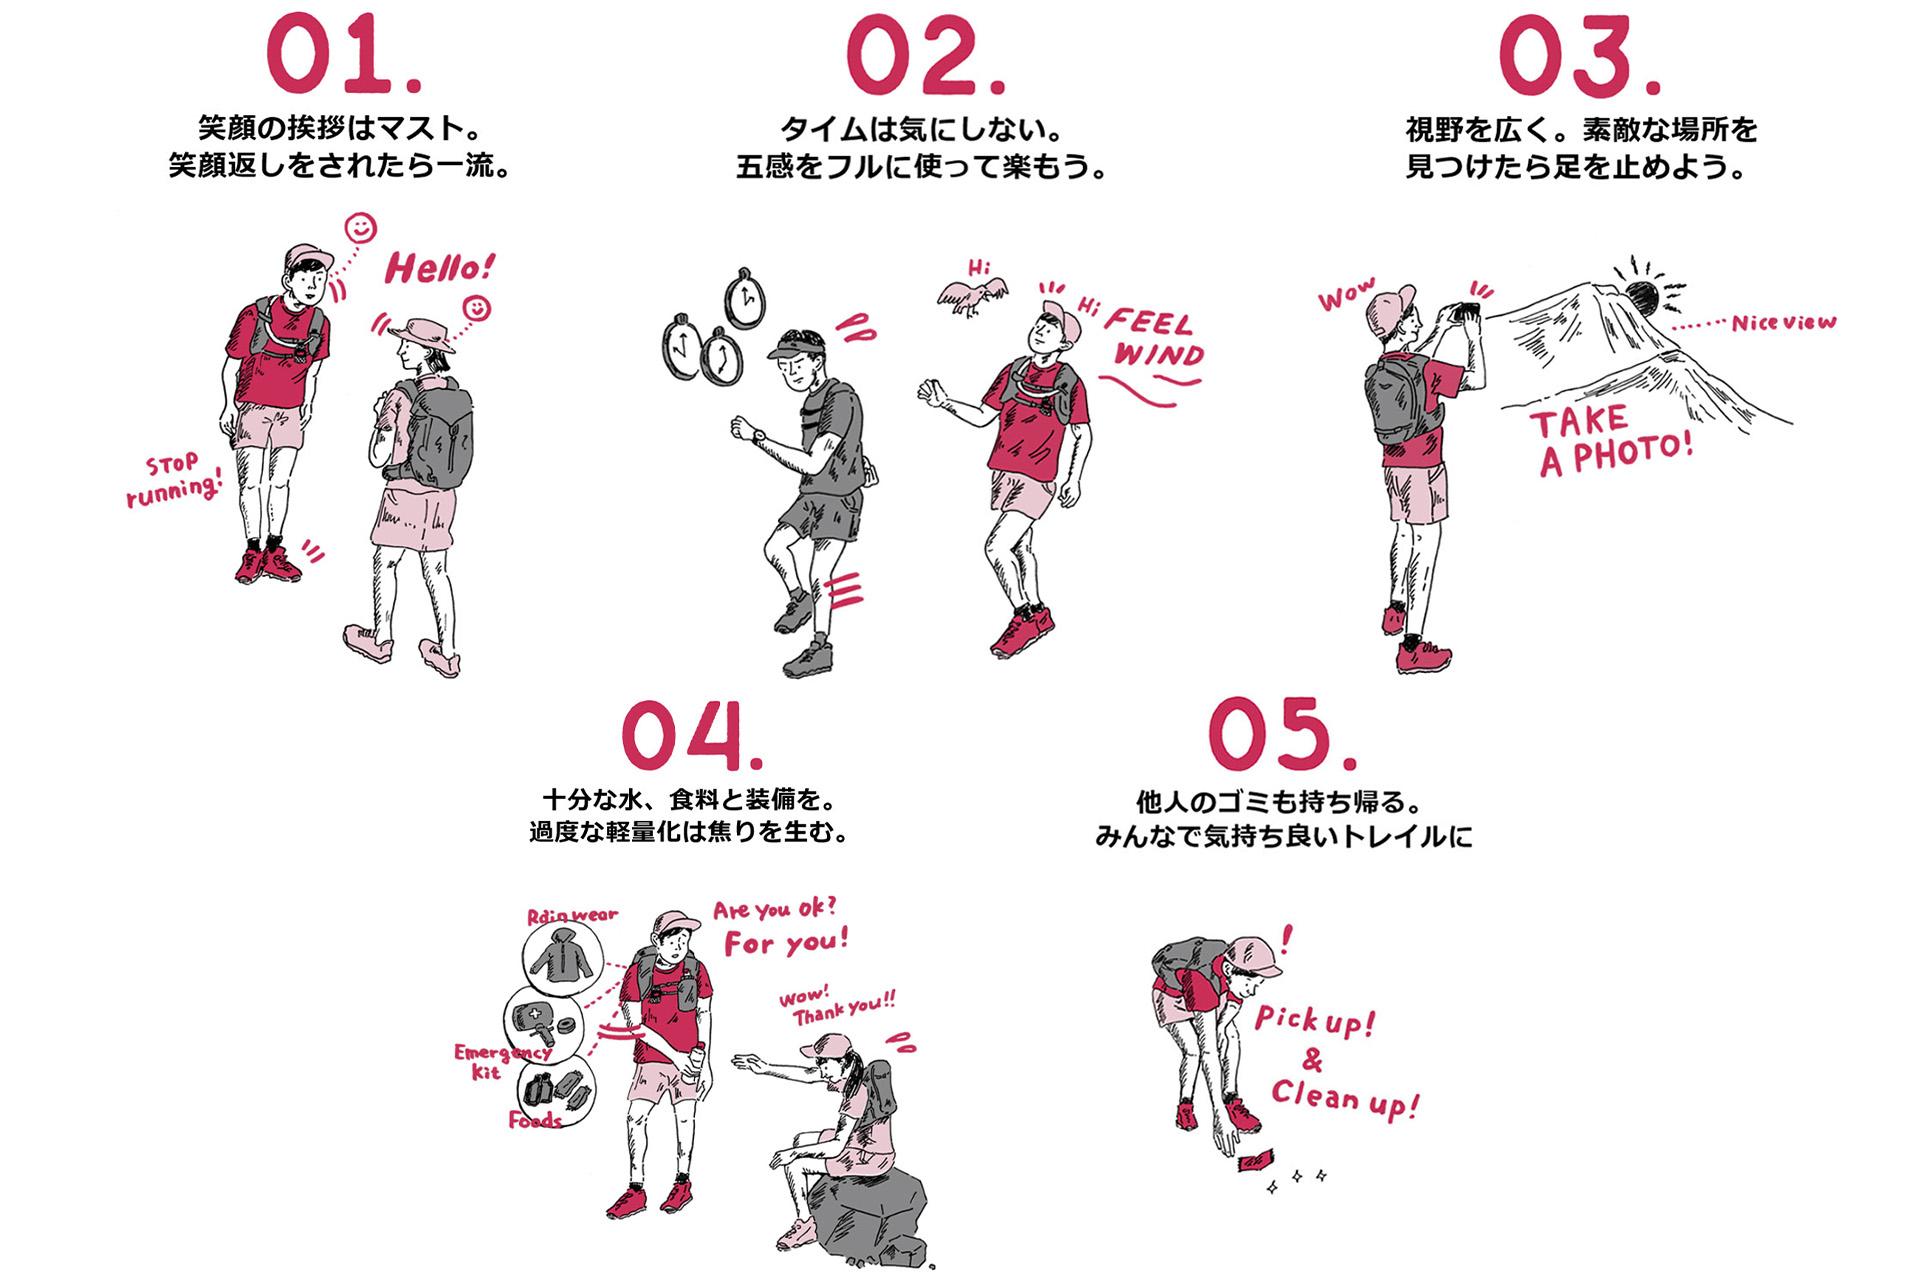 9-4 トリプルクラウナー/イラストレーター・河戸良佑氏インタビュー<br>〜ロングトレイルに必要な才能と、『アリガト山』への思い〜